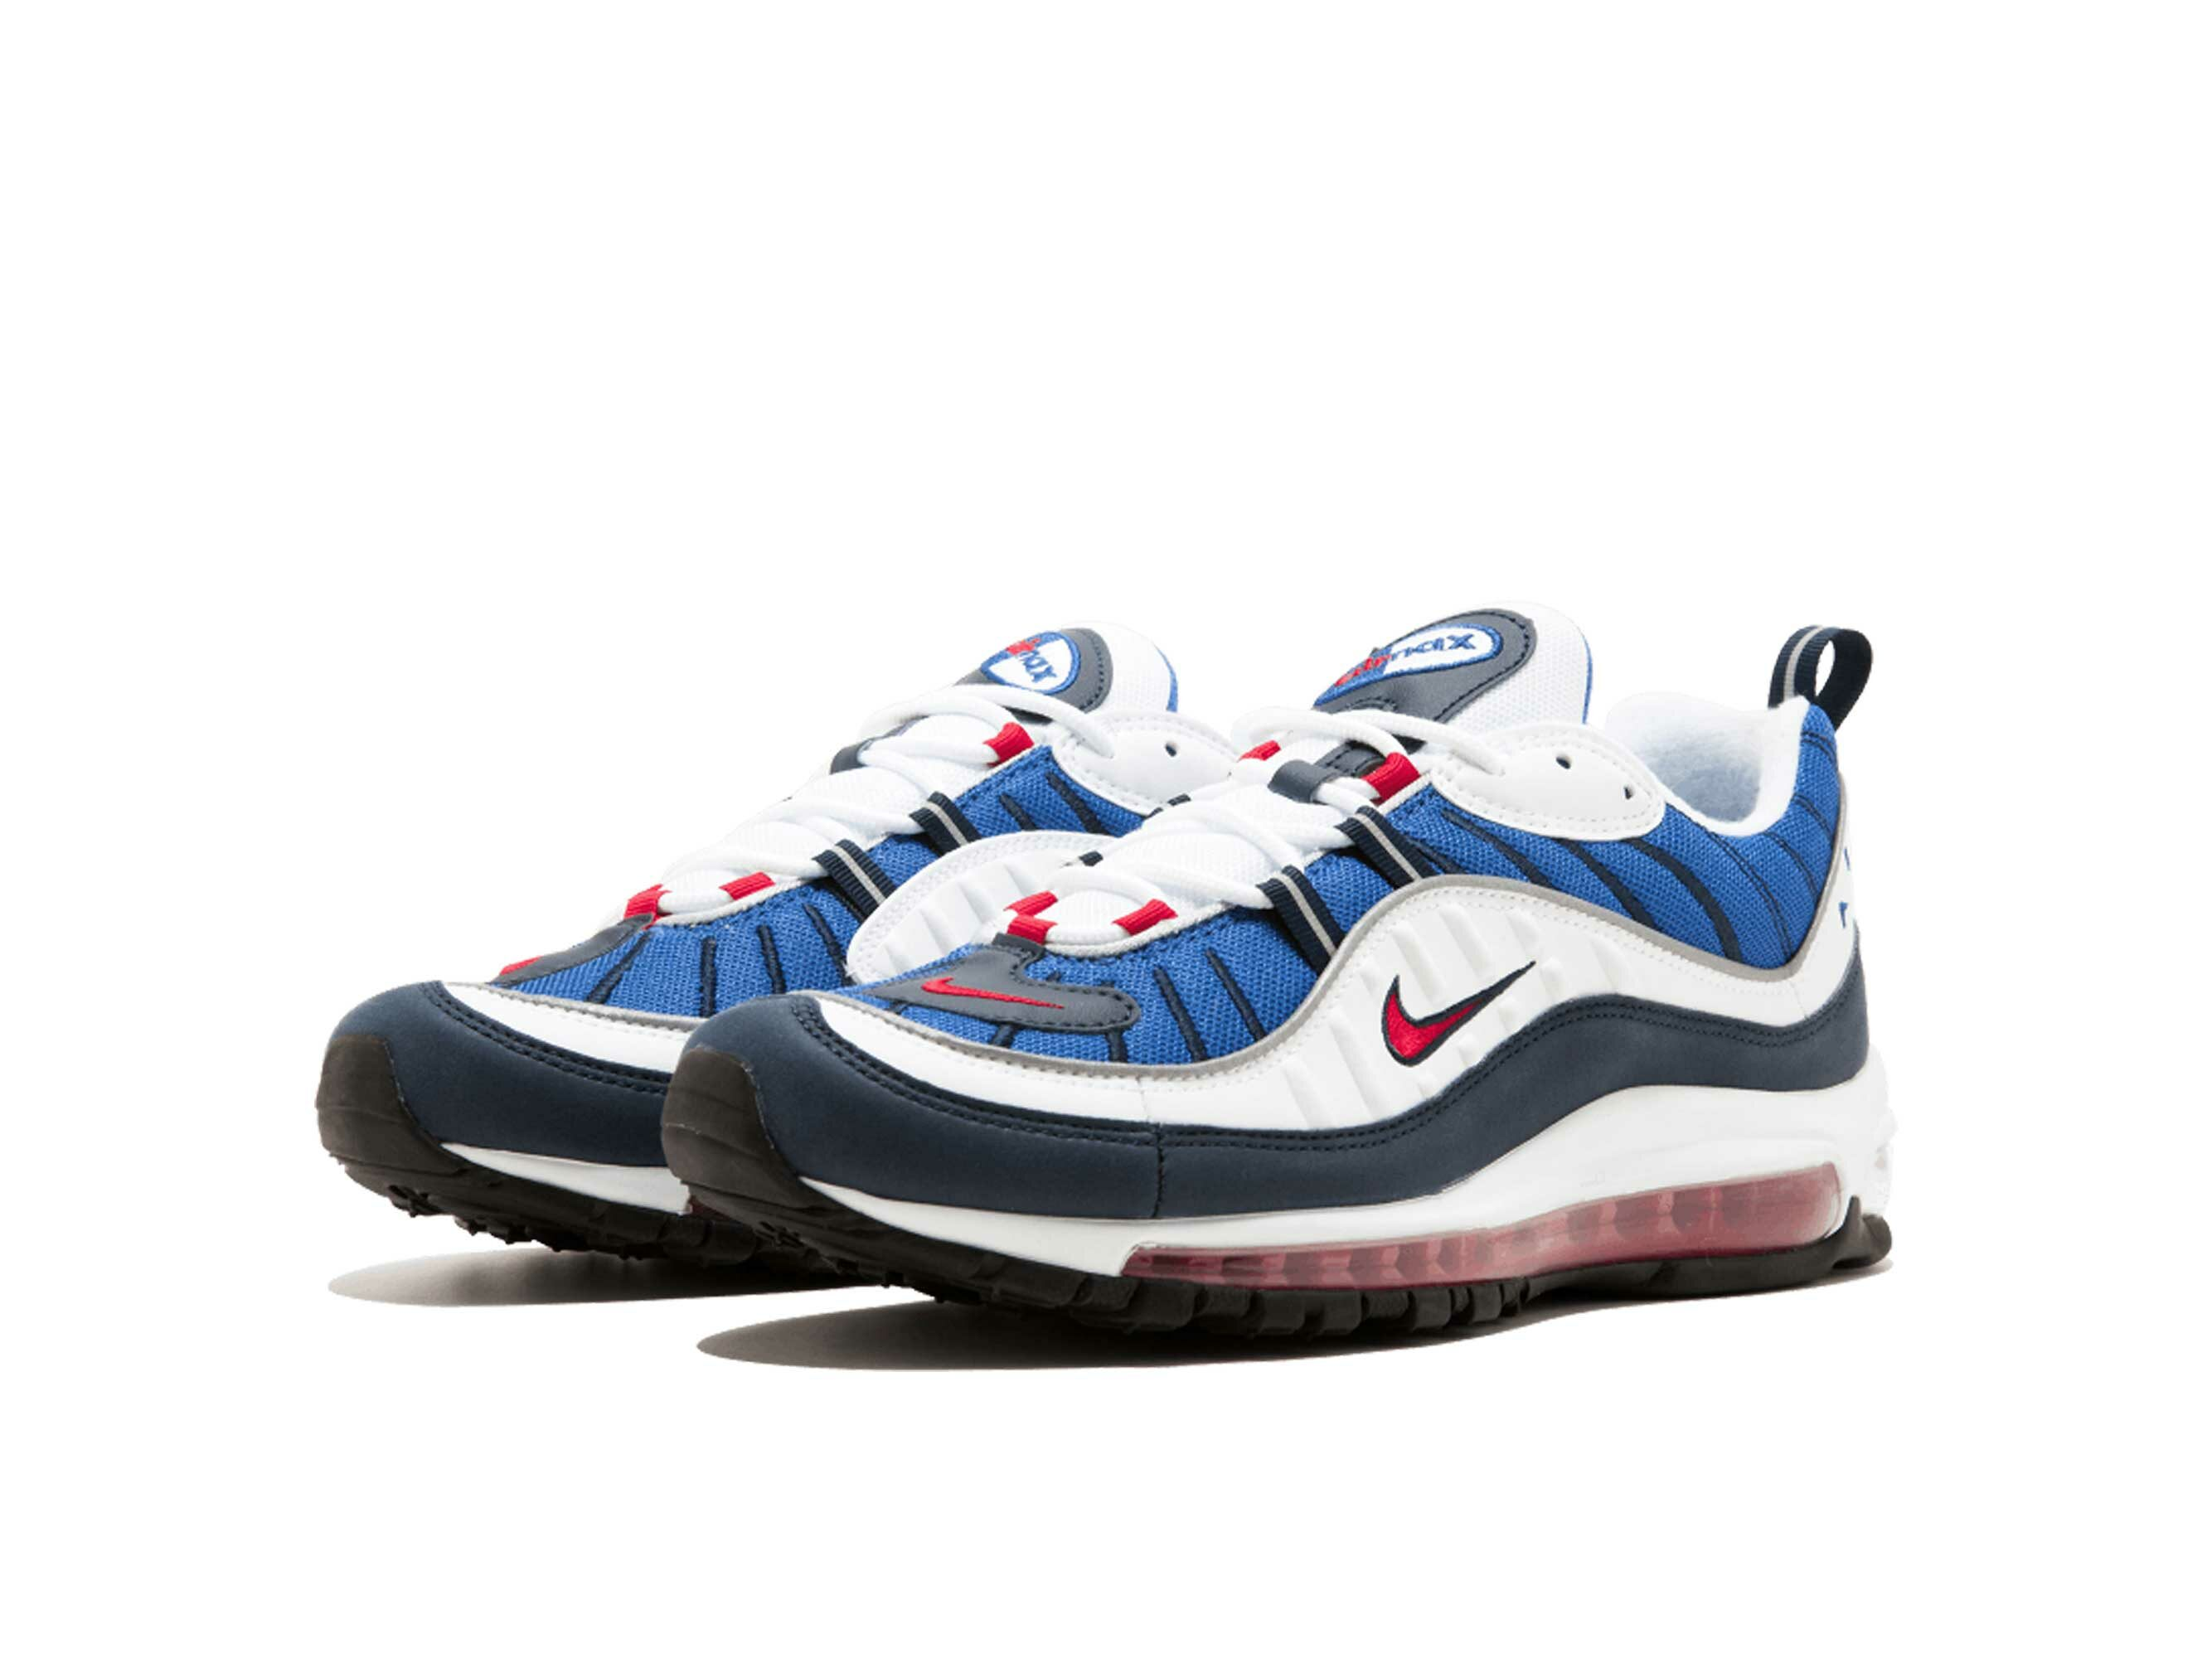 nike air max 98 blue white 640744_100 купить